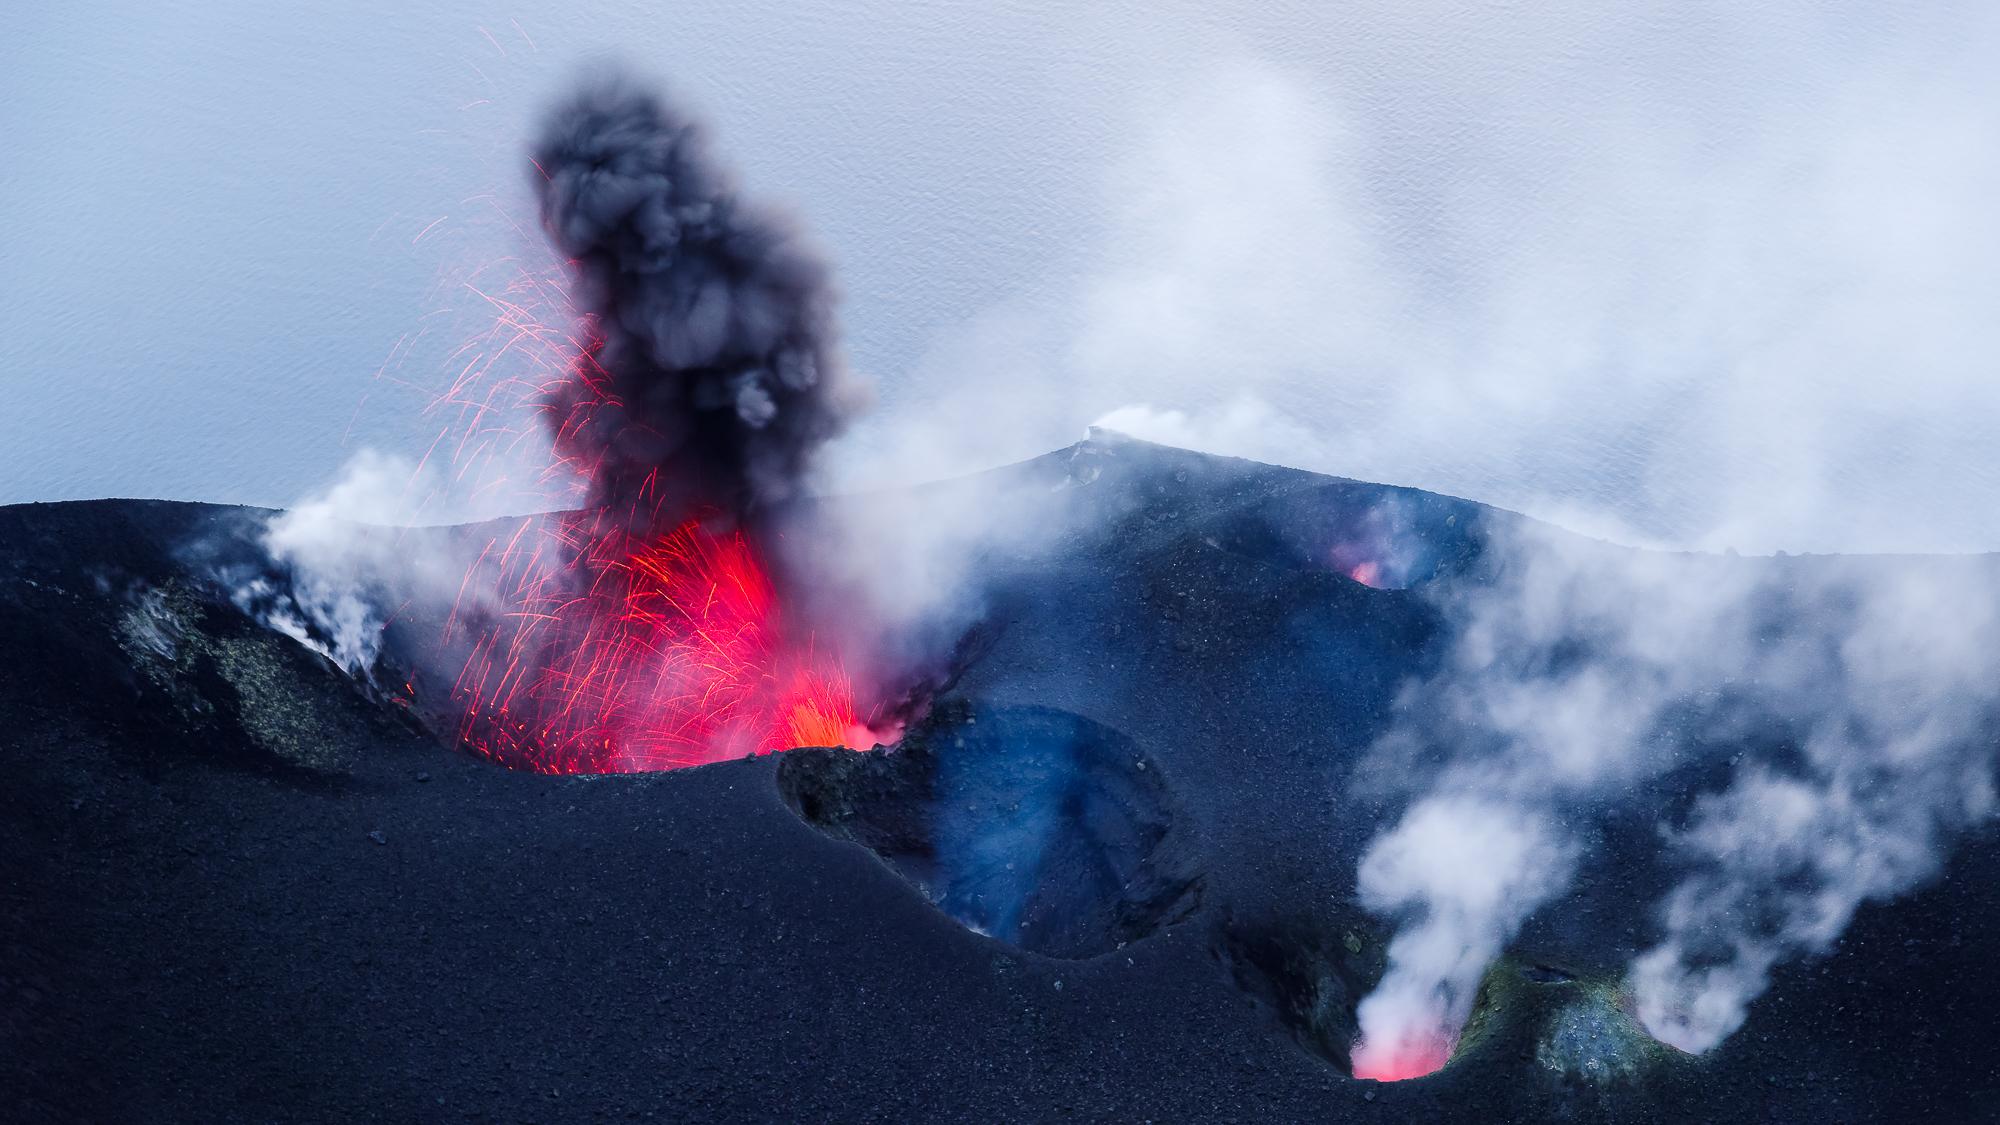 As en magma worden uit de vulkaan geworpen